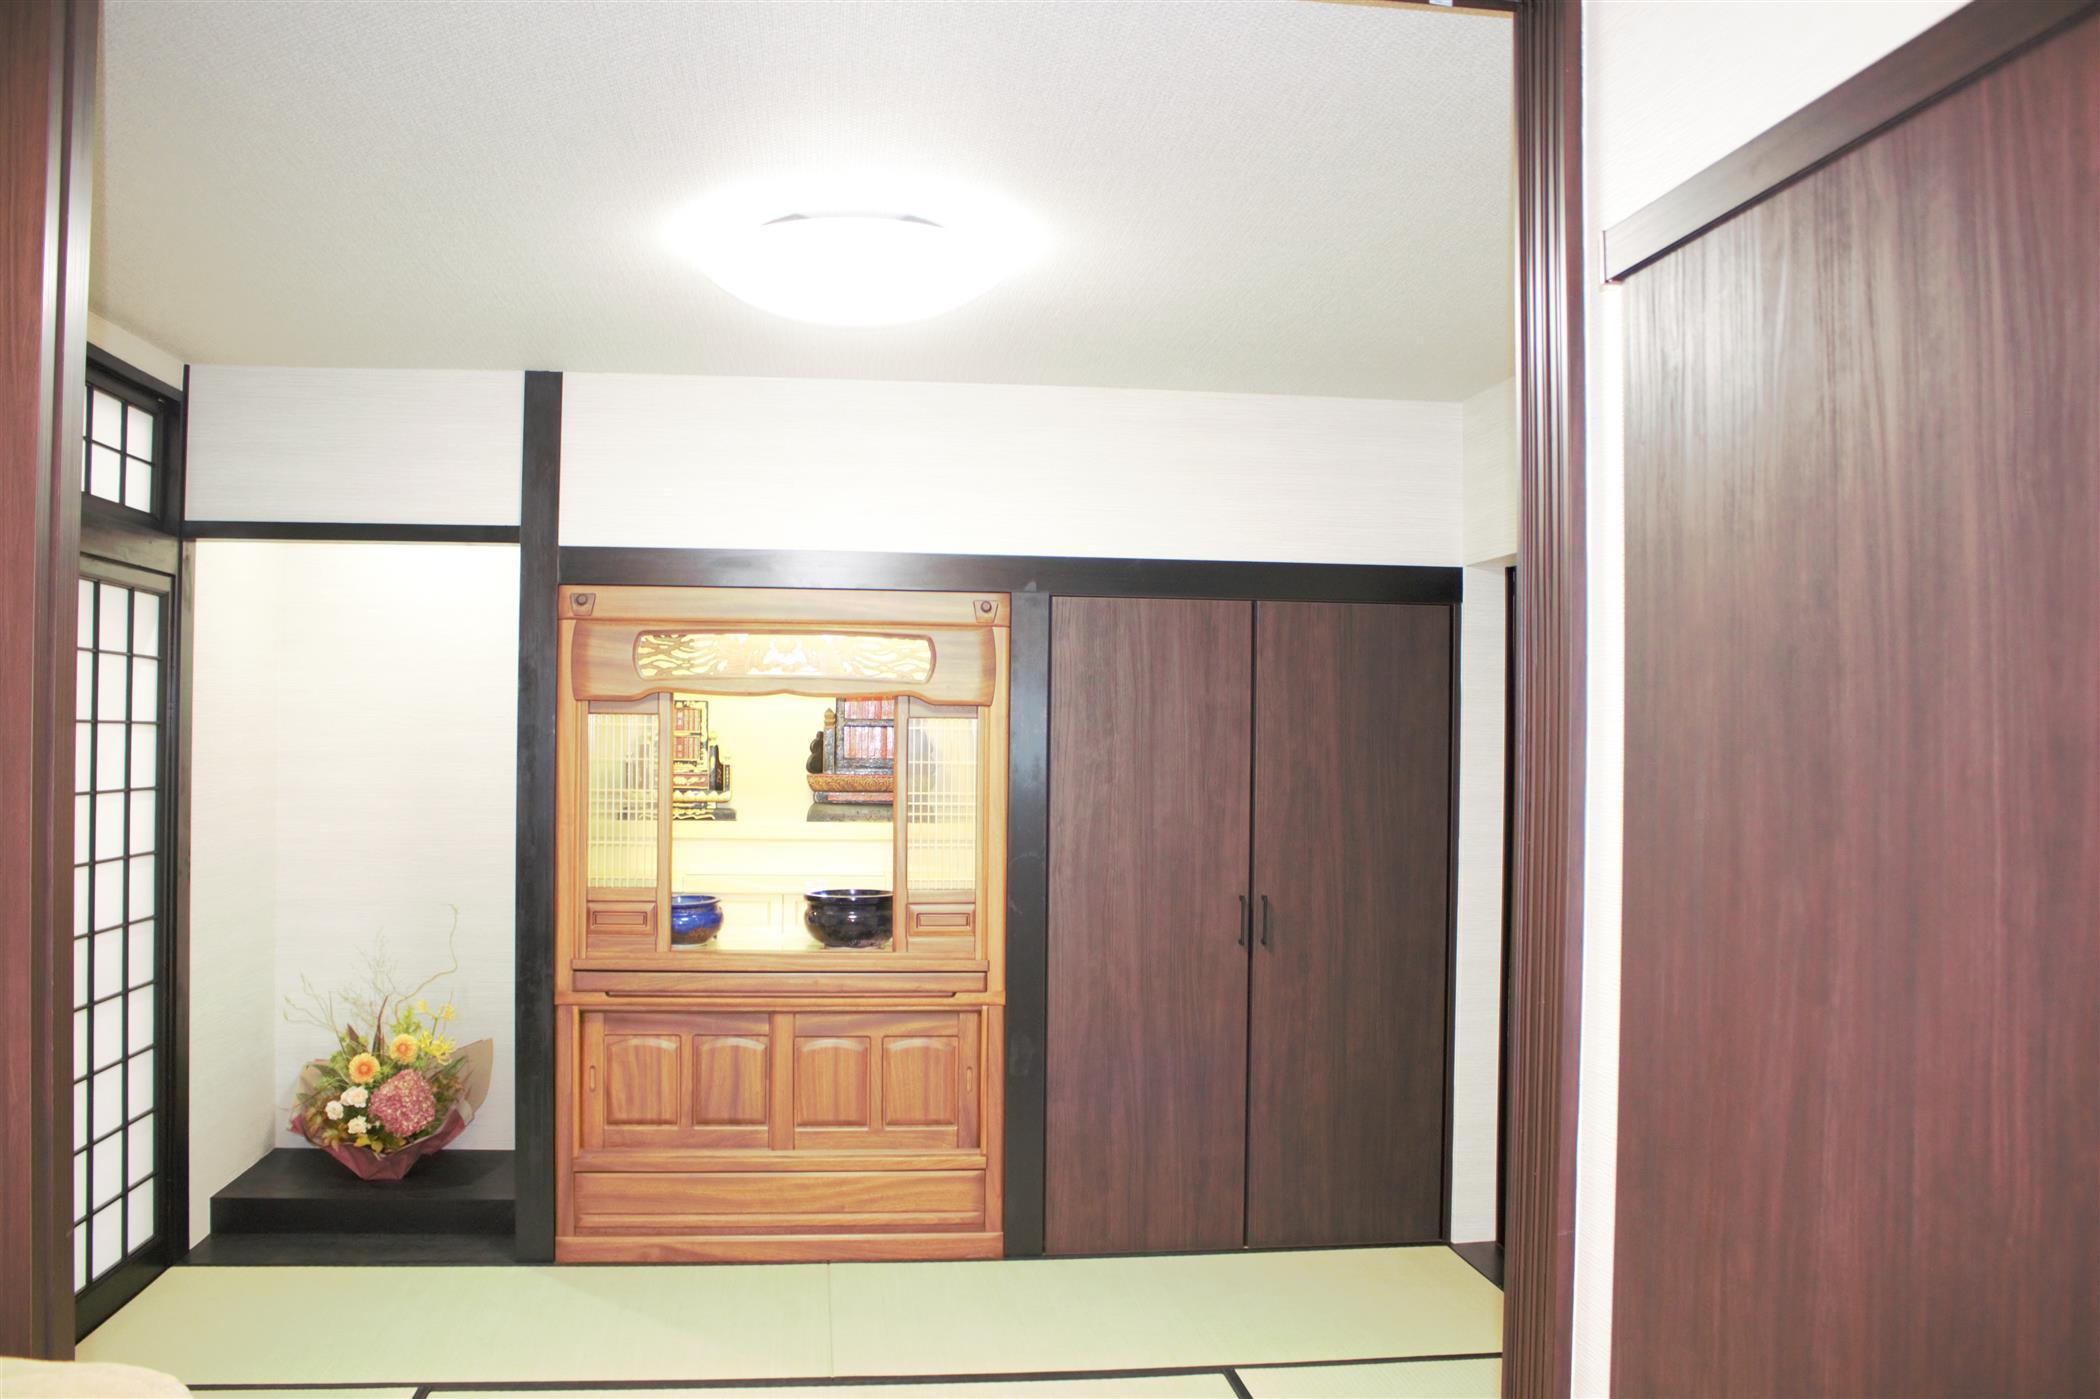 仏壇設置(リフォーム施工事例)を公開しました。 | 沖縄や那覇でリフォームするなら【株式会社 あうん工房】